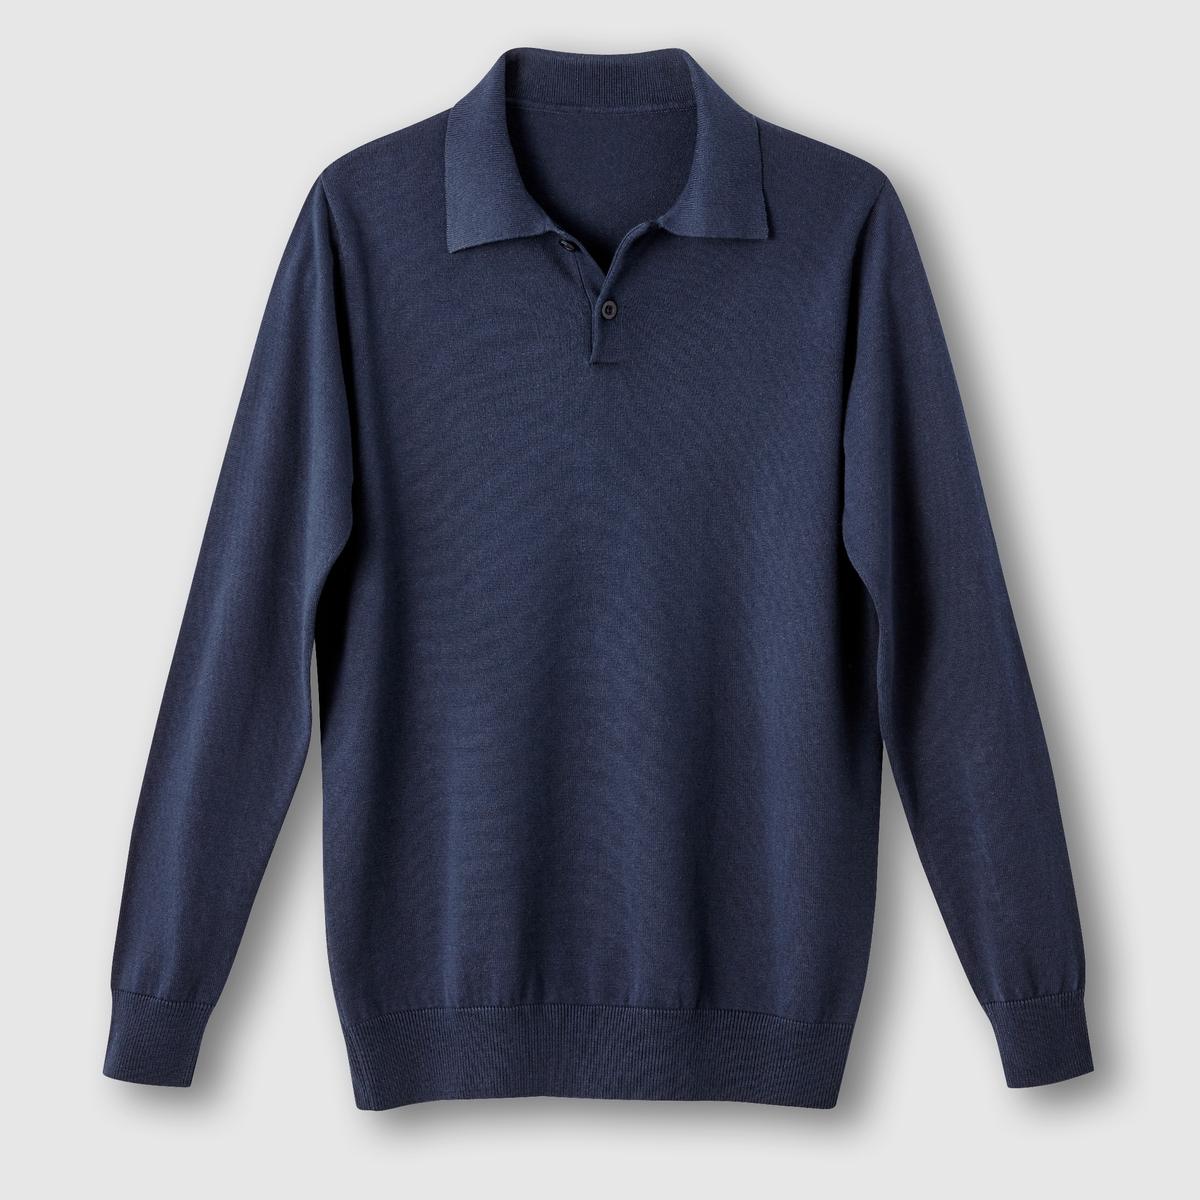 Пуловер с воротником полоПуловер с воротником поло. Длинные рукава. Контрастные нашивки на локтях.Края низа и рукавов связаны резинкой. Трикотаж мелкой вязки, 100% хлопка. Длина: 73 см.<br><br>Цвет: темно-синий